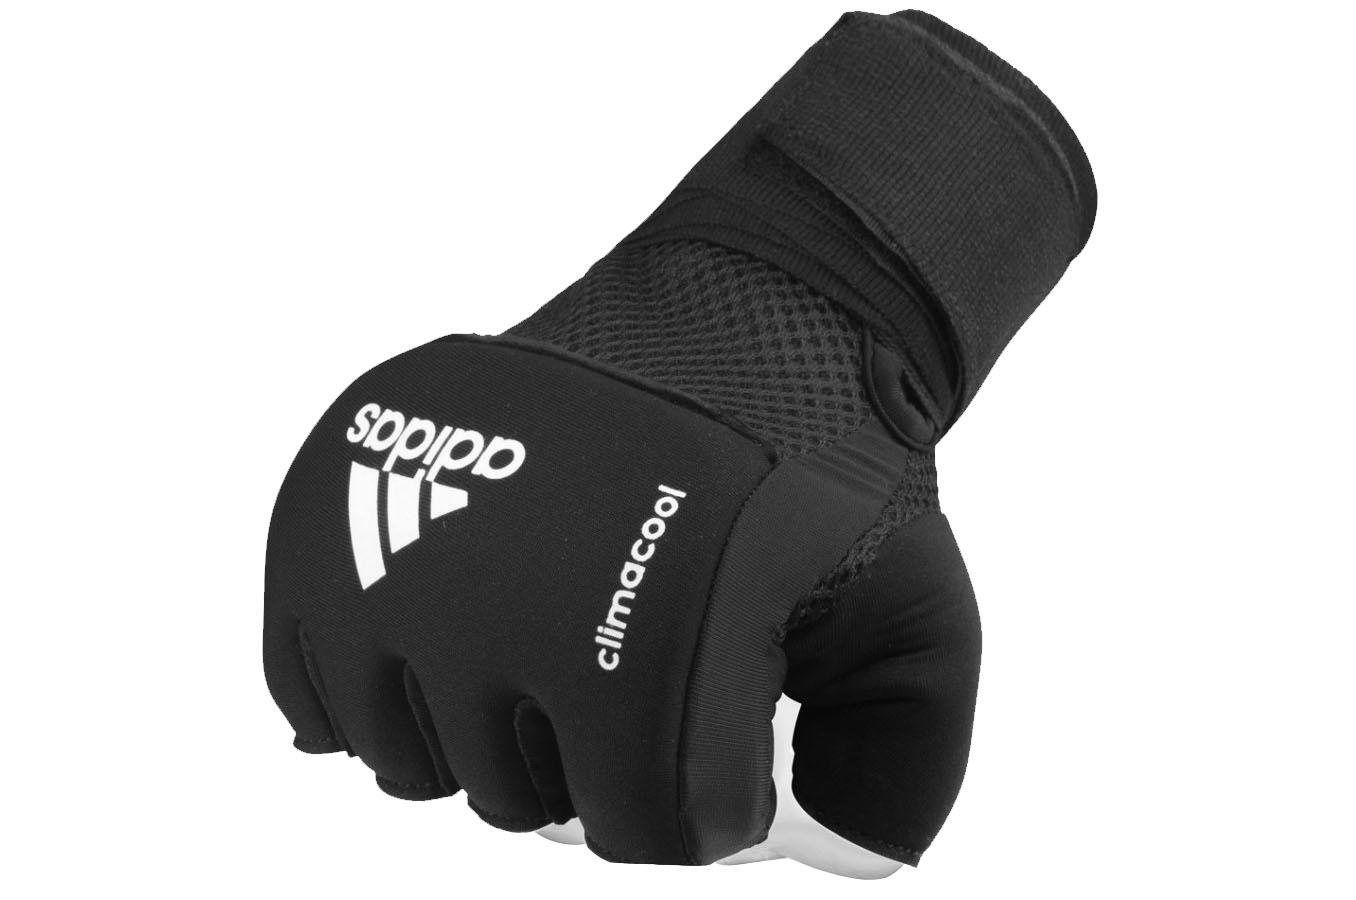 Sous-gants de Protection et Maintien, Adidas ADIBP012